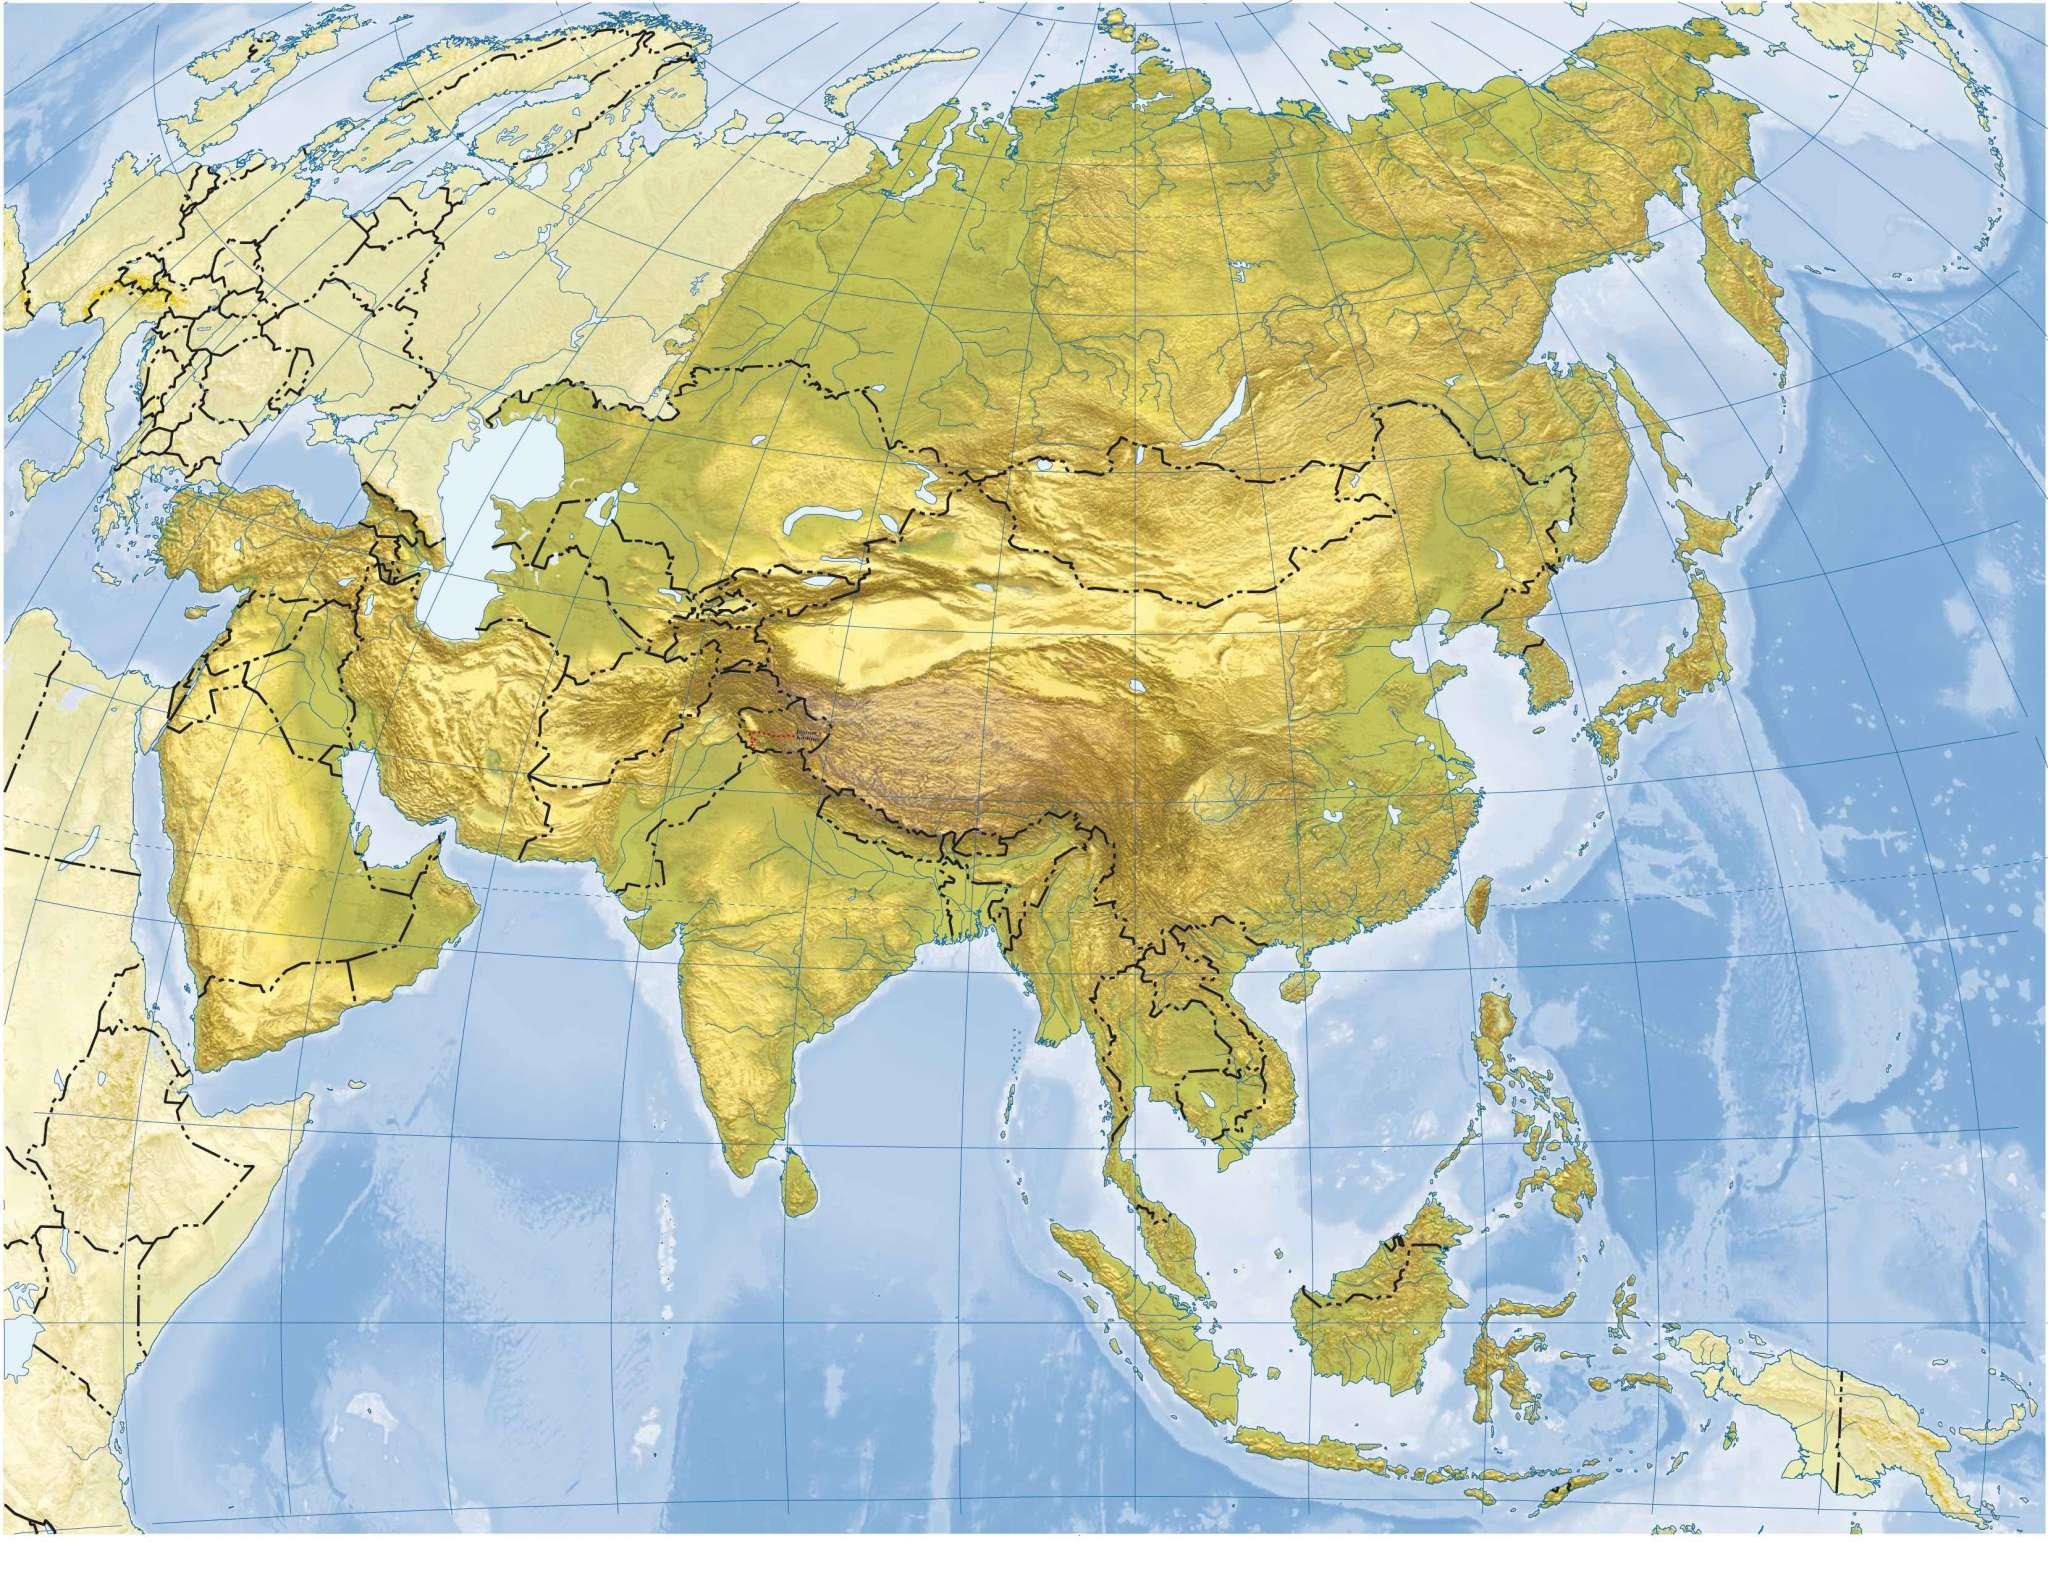 Juegos de Geografa  Juego de Asia fsico 1 Mares  Cerebriti